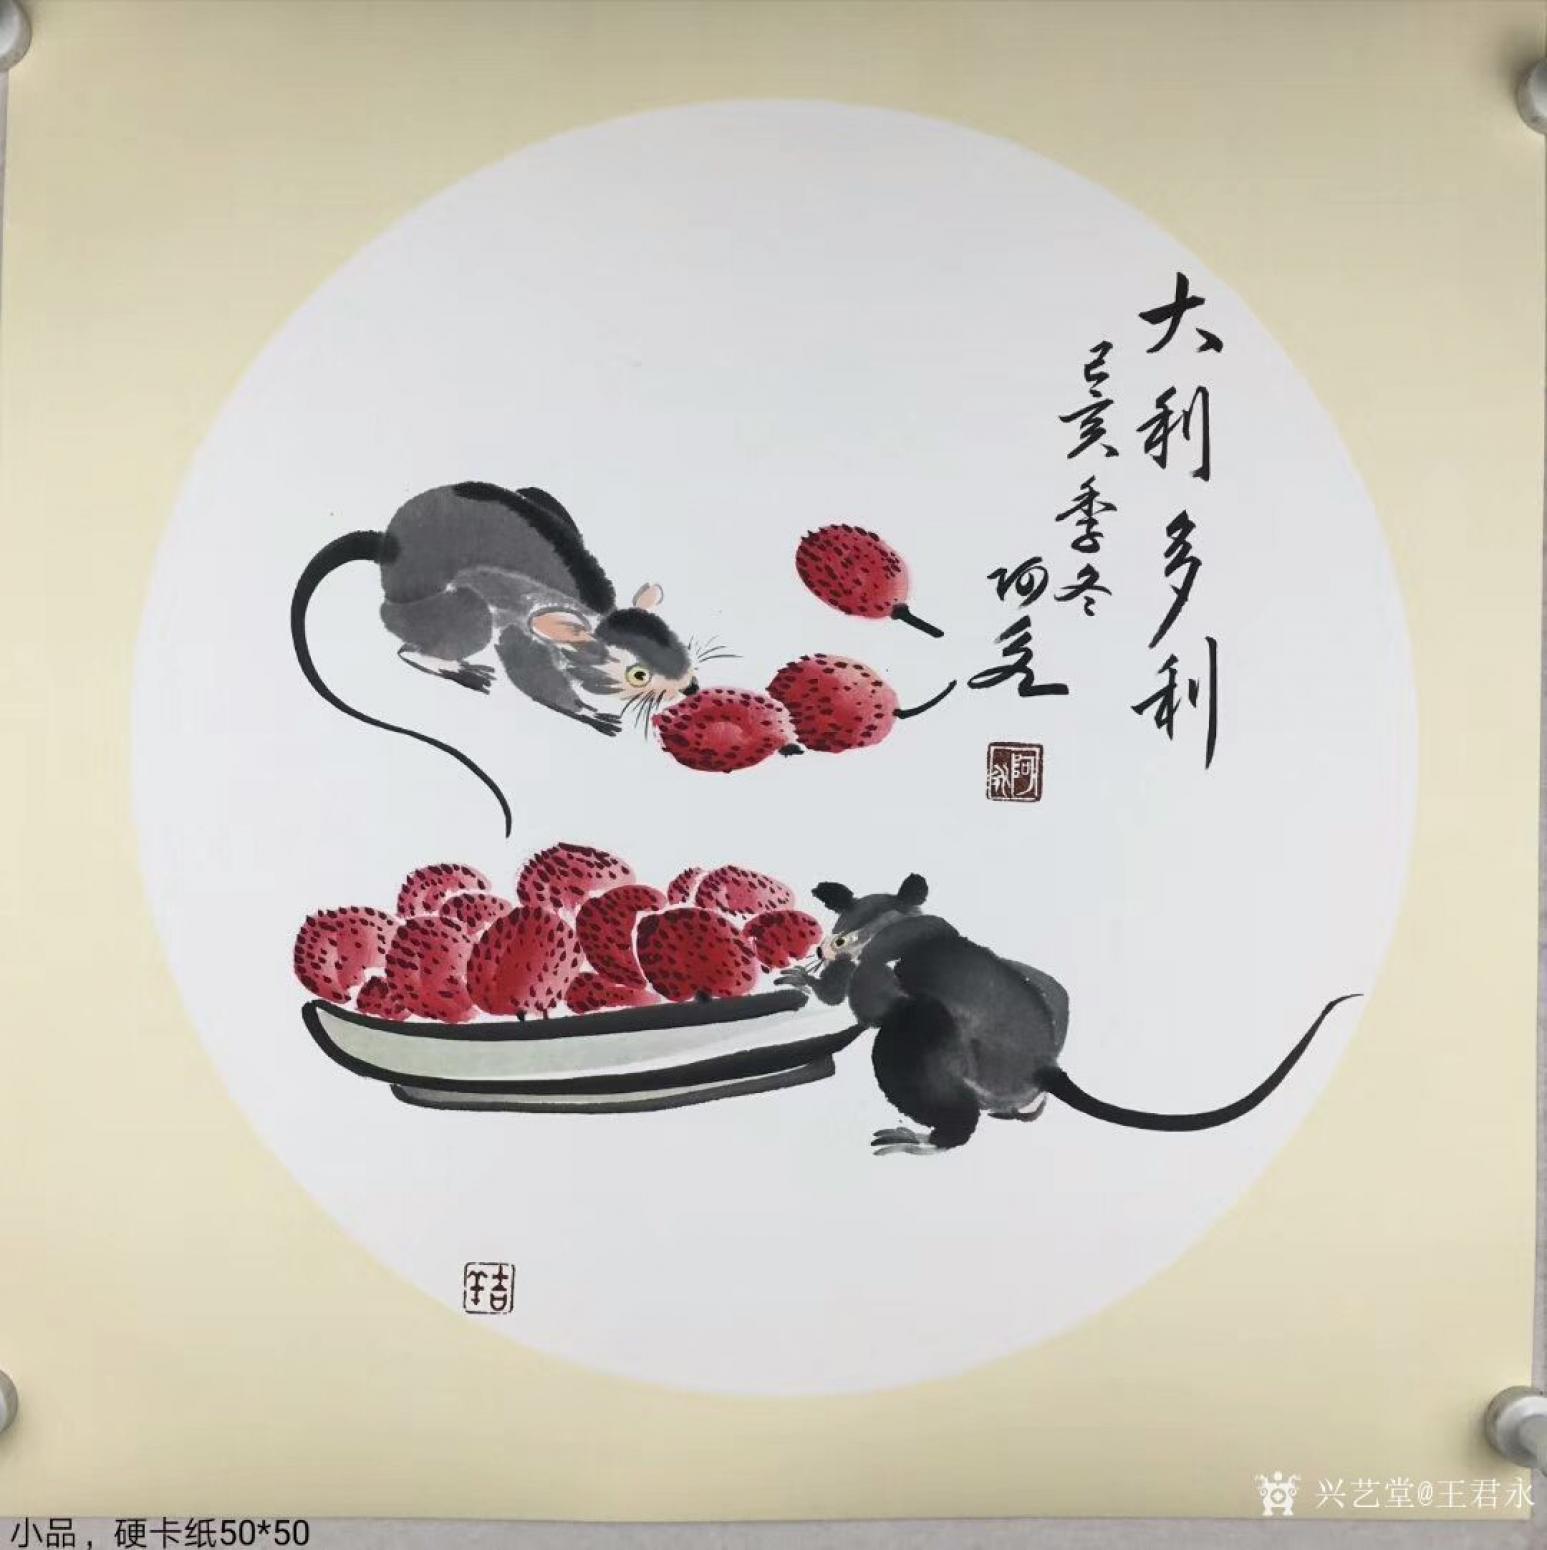 王君永国画作品《动物老鼠-大利多利》